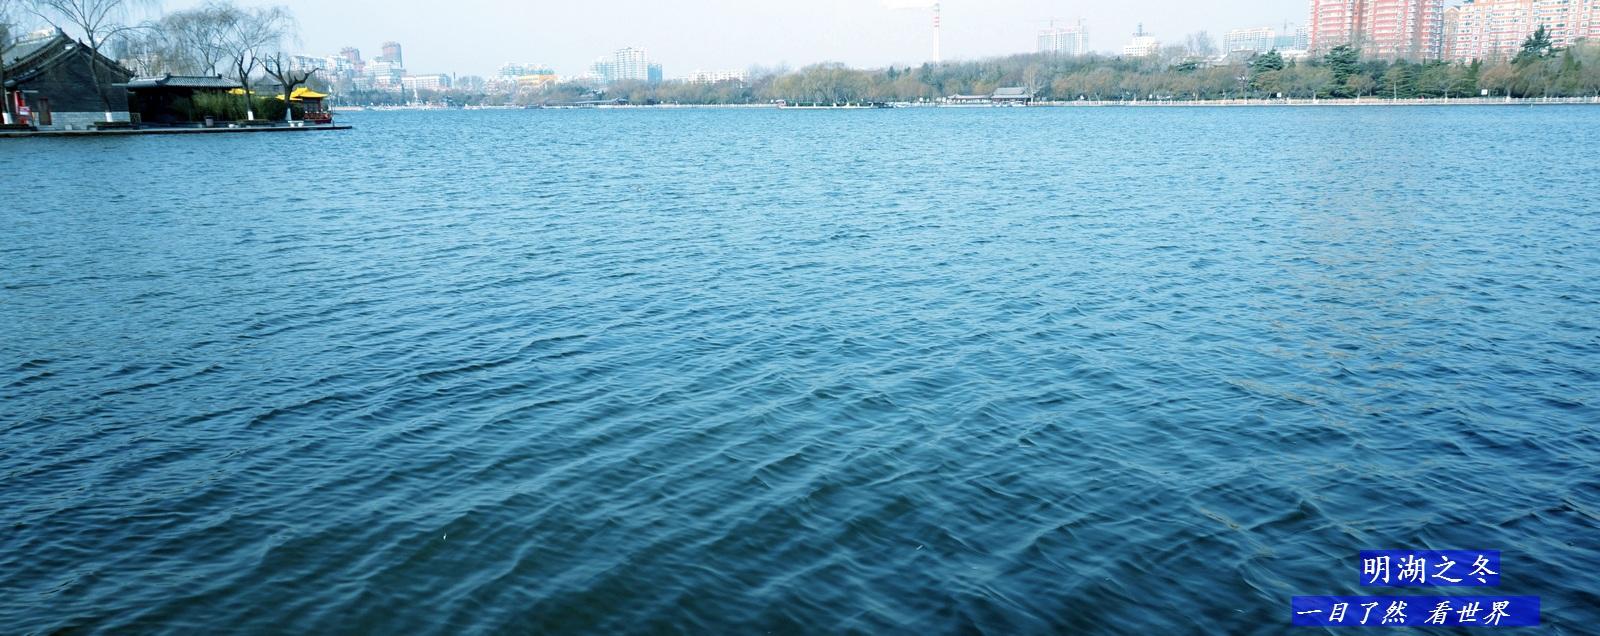 明湖之冬-14-1600.jpg